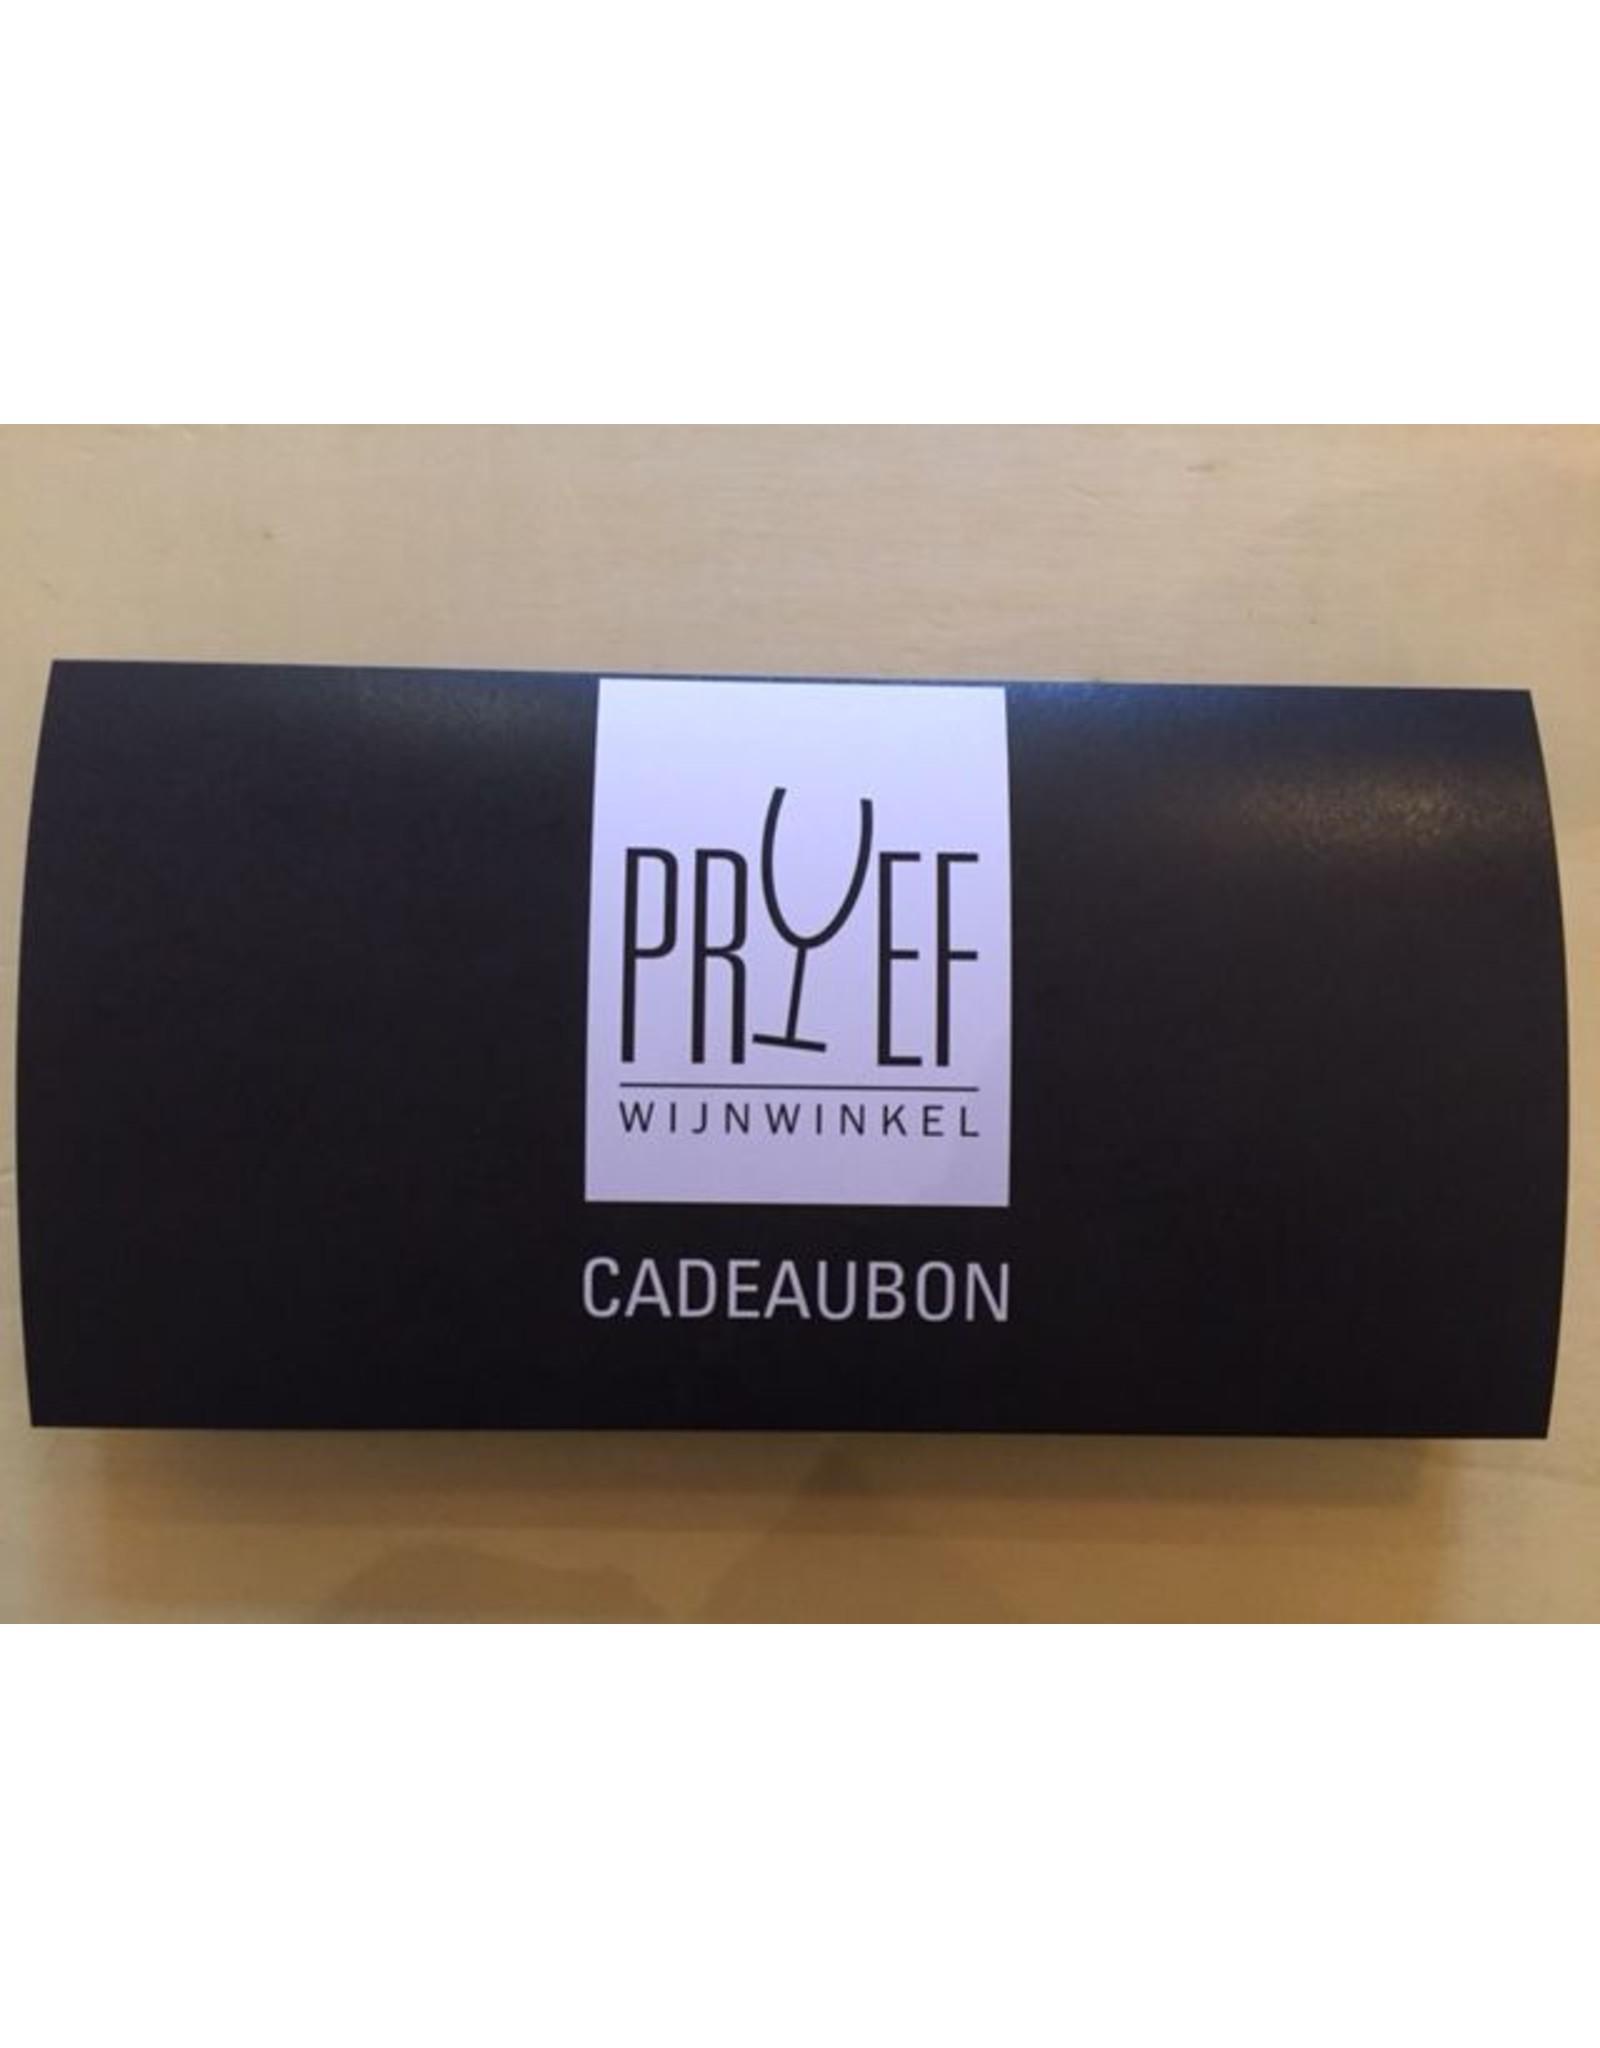 Cadeaubon Wijnwinkel Proef €16,50